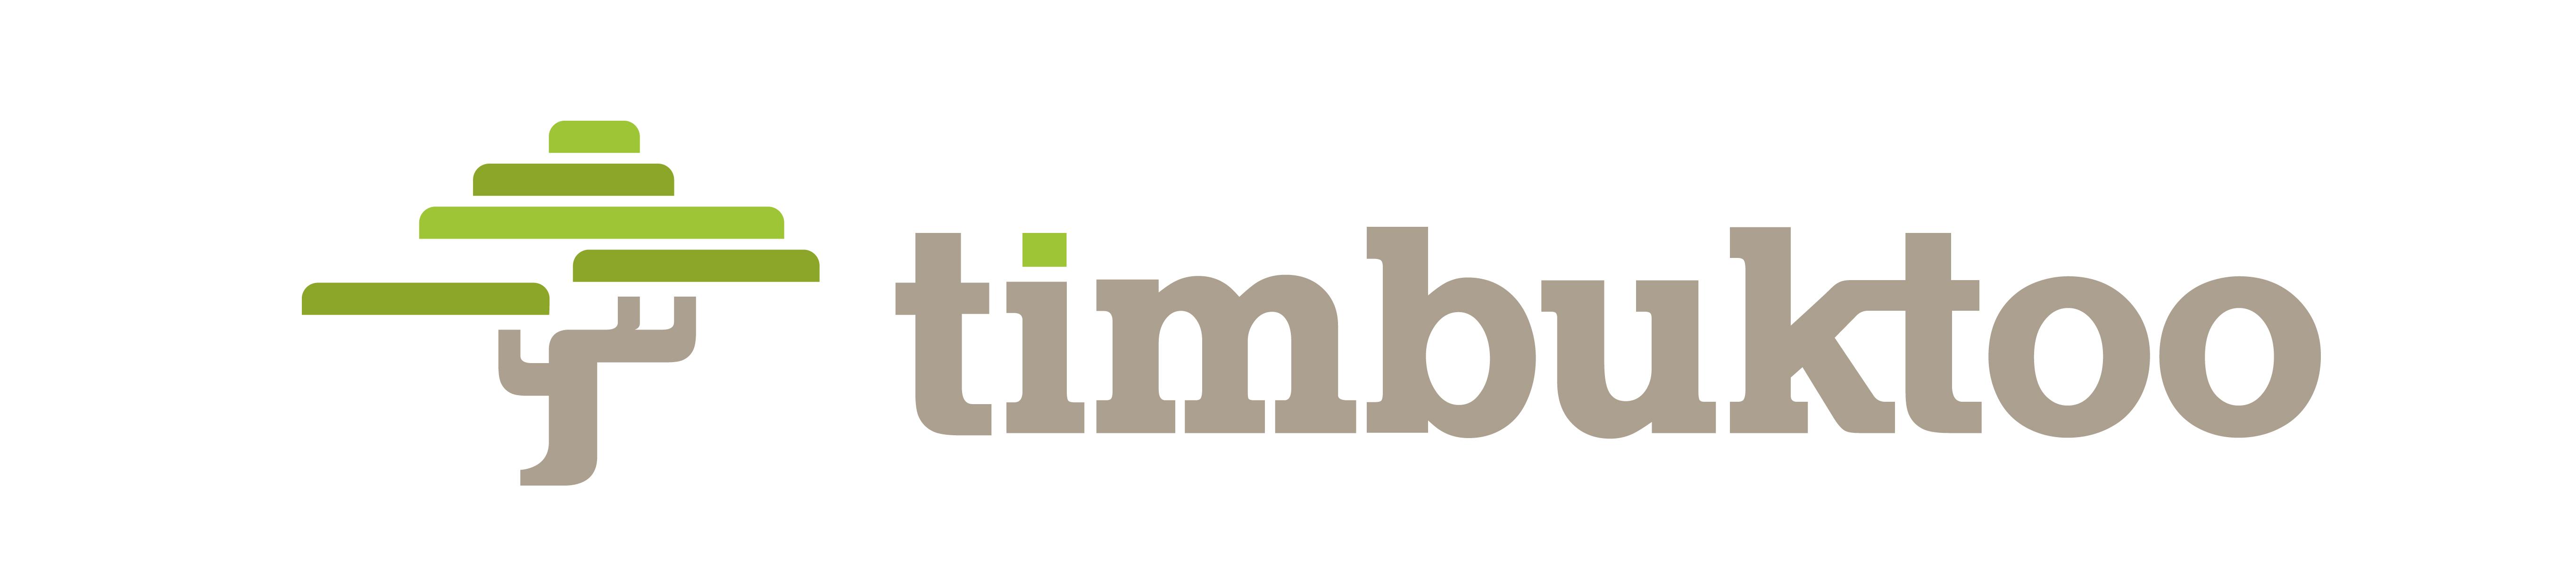 Timbuktoo • Création de nom de marque. Experte & Collaborative